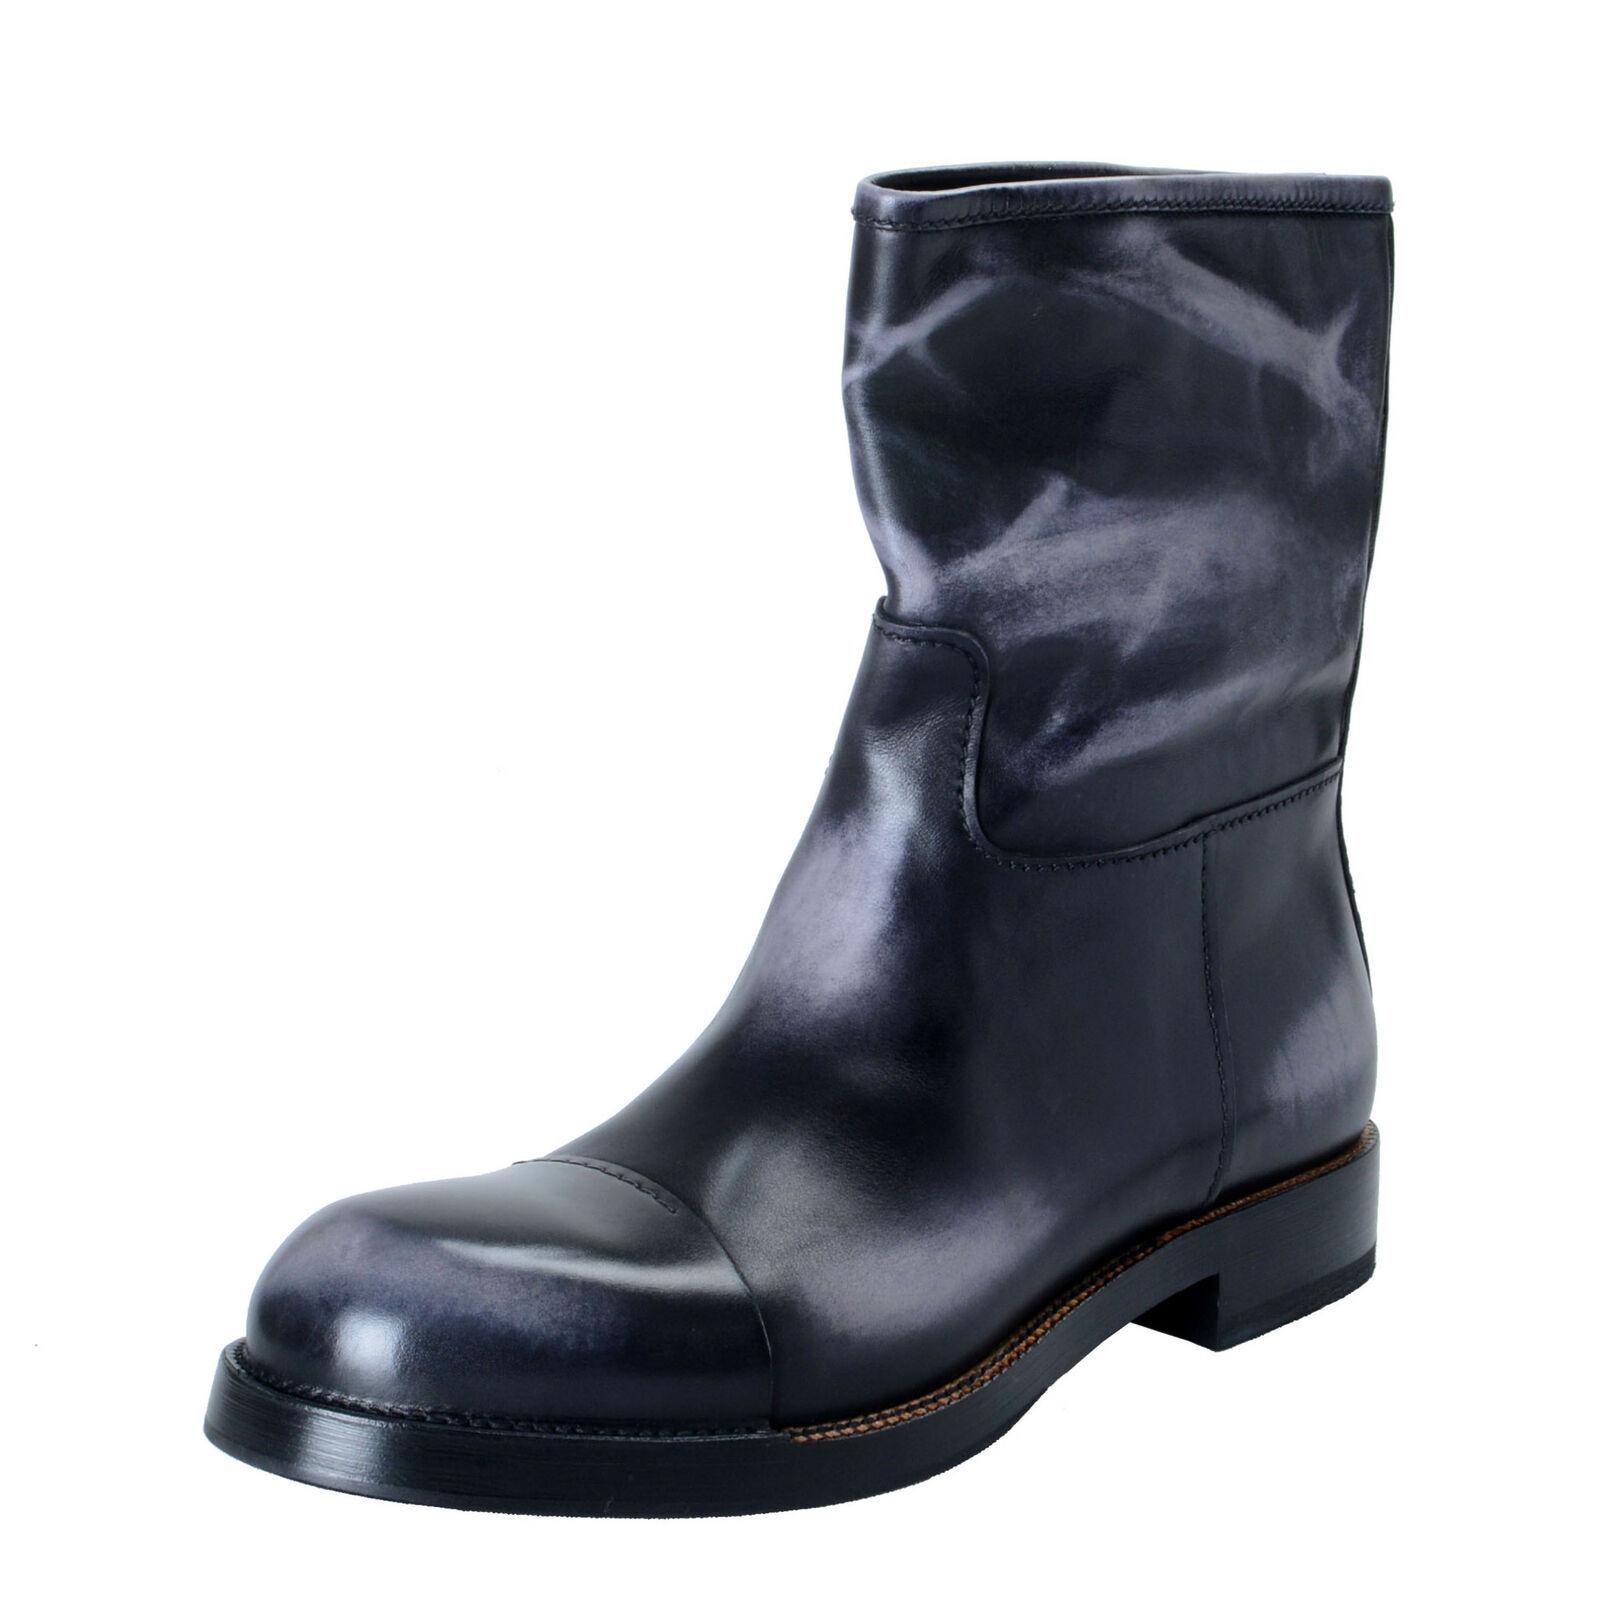 Prada Herren Distressed Grau Leder Motorradstiefel Schuhe Größe 9.5 10.5 11